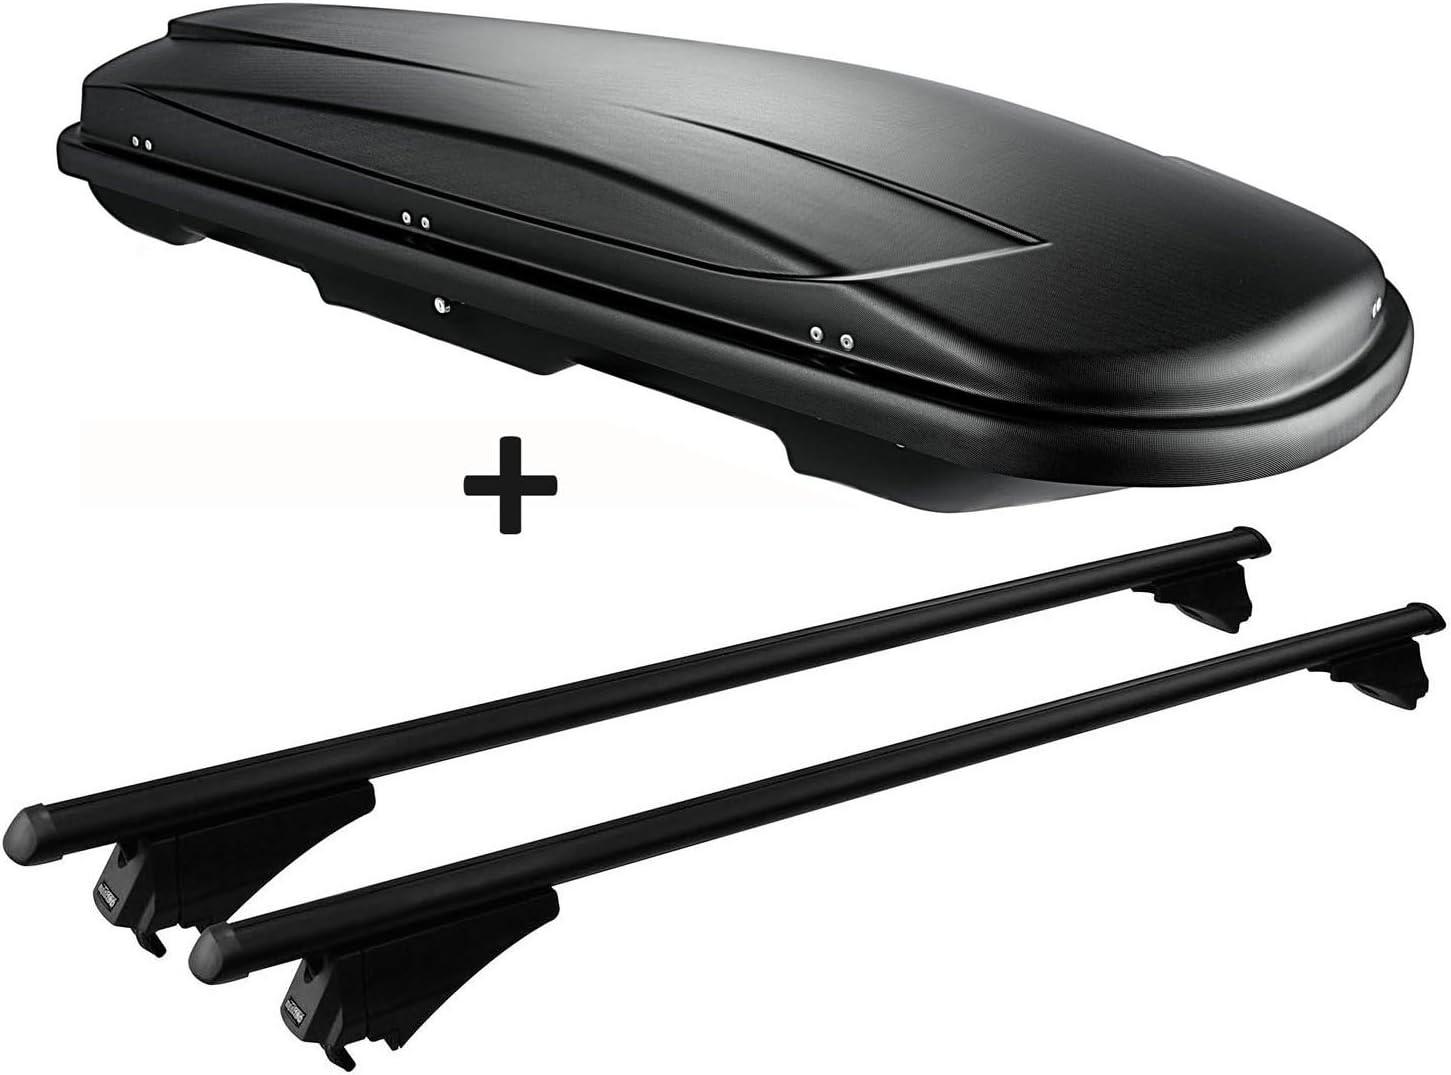 Vdp Dachbox Schwarz Juxt 400 Dachkoffer 400 Liter Abschließbar Alu Relingträger Aufliegende Reling Kompatibel Mit Audi A4 8k Avant 2008 2014 Auto